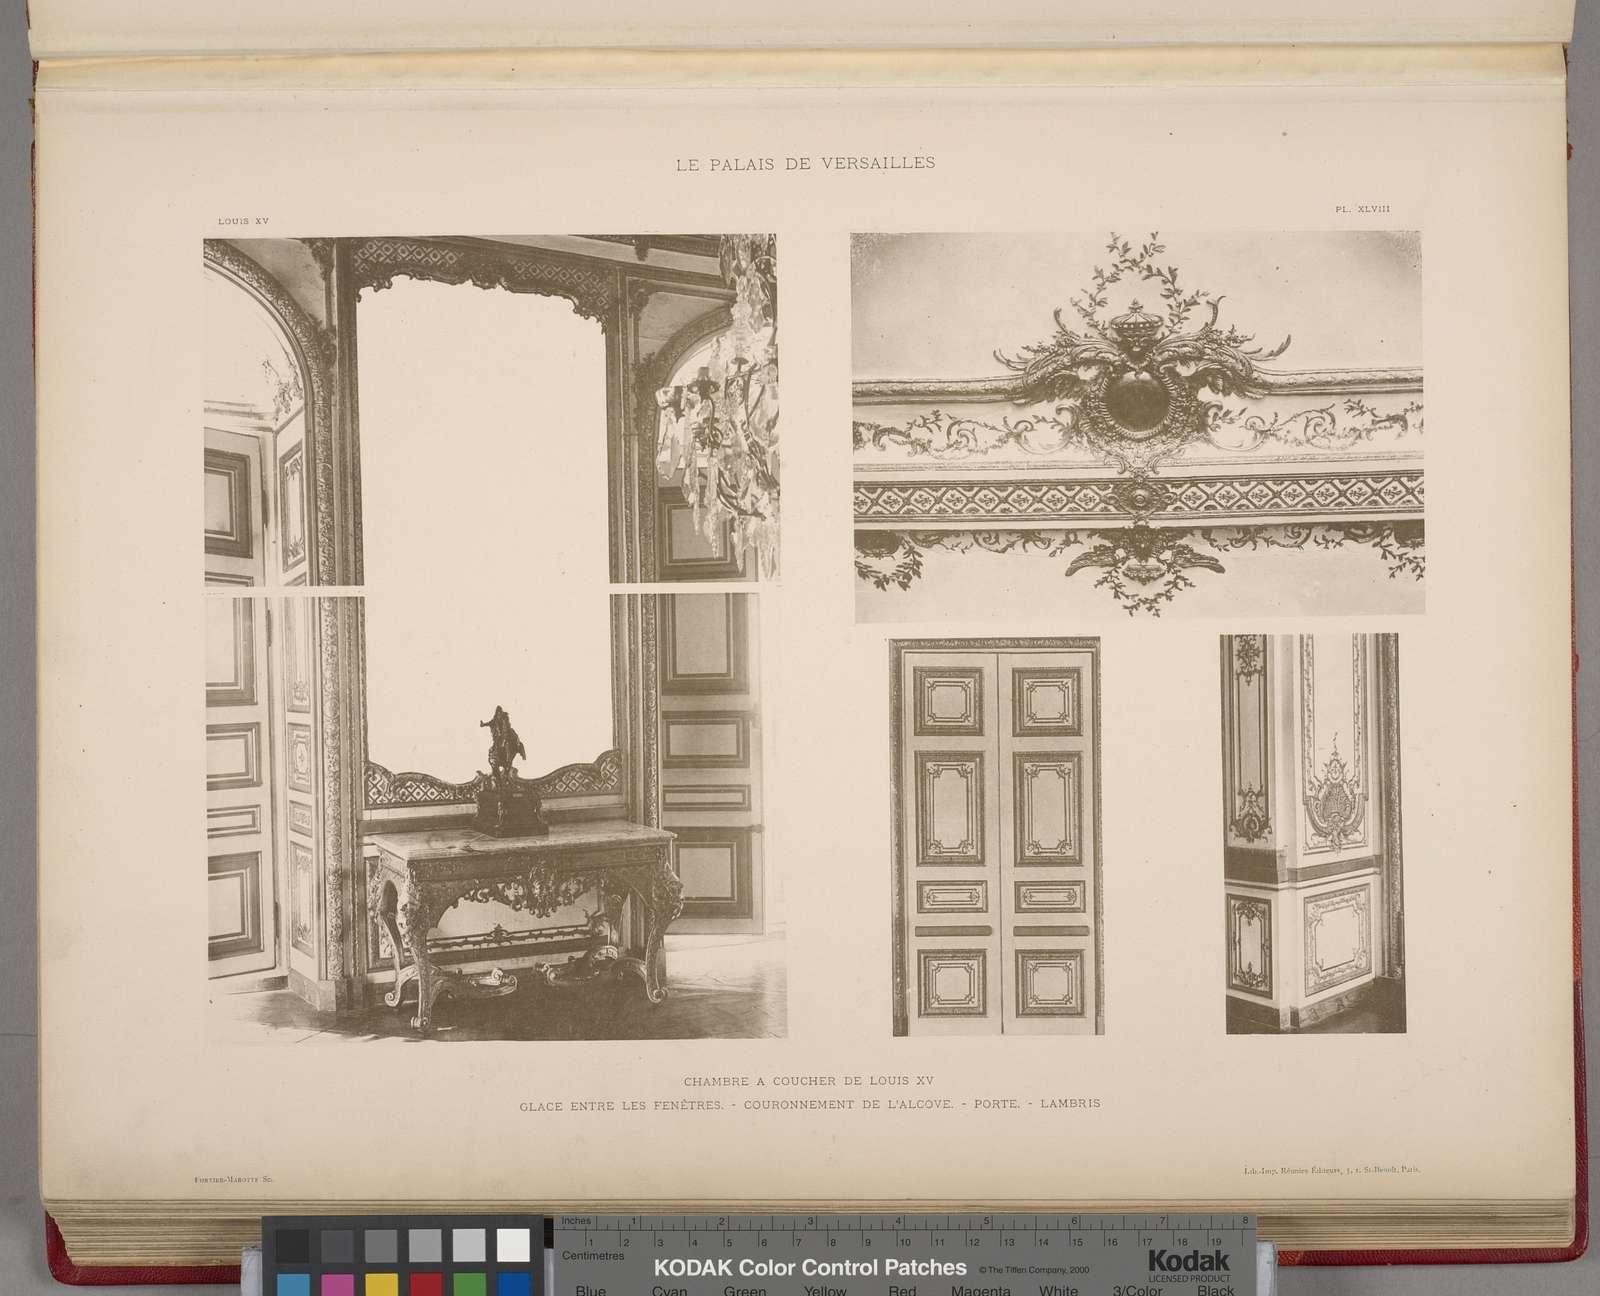 Chambre a coucher de Louis XV; glace entre les fenêtres. - couronnement de l'alcove. - porte. - lambris.